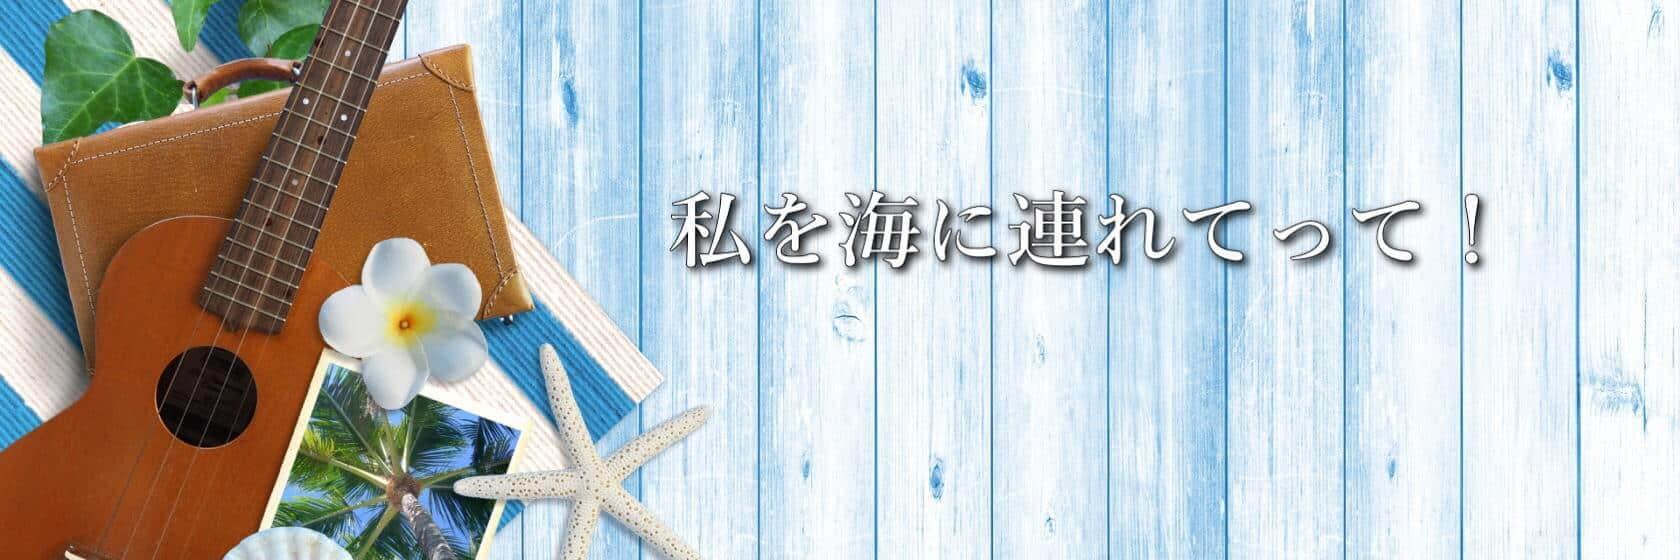 私を海に連れてって。 熊本 ウクレレ教室 レアレア